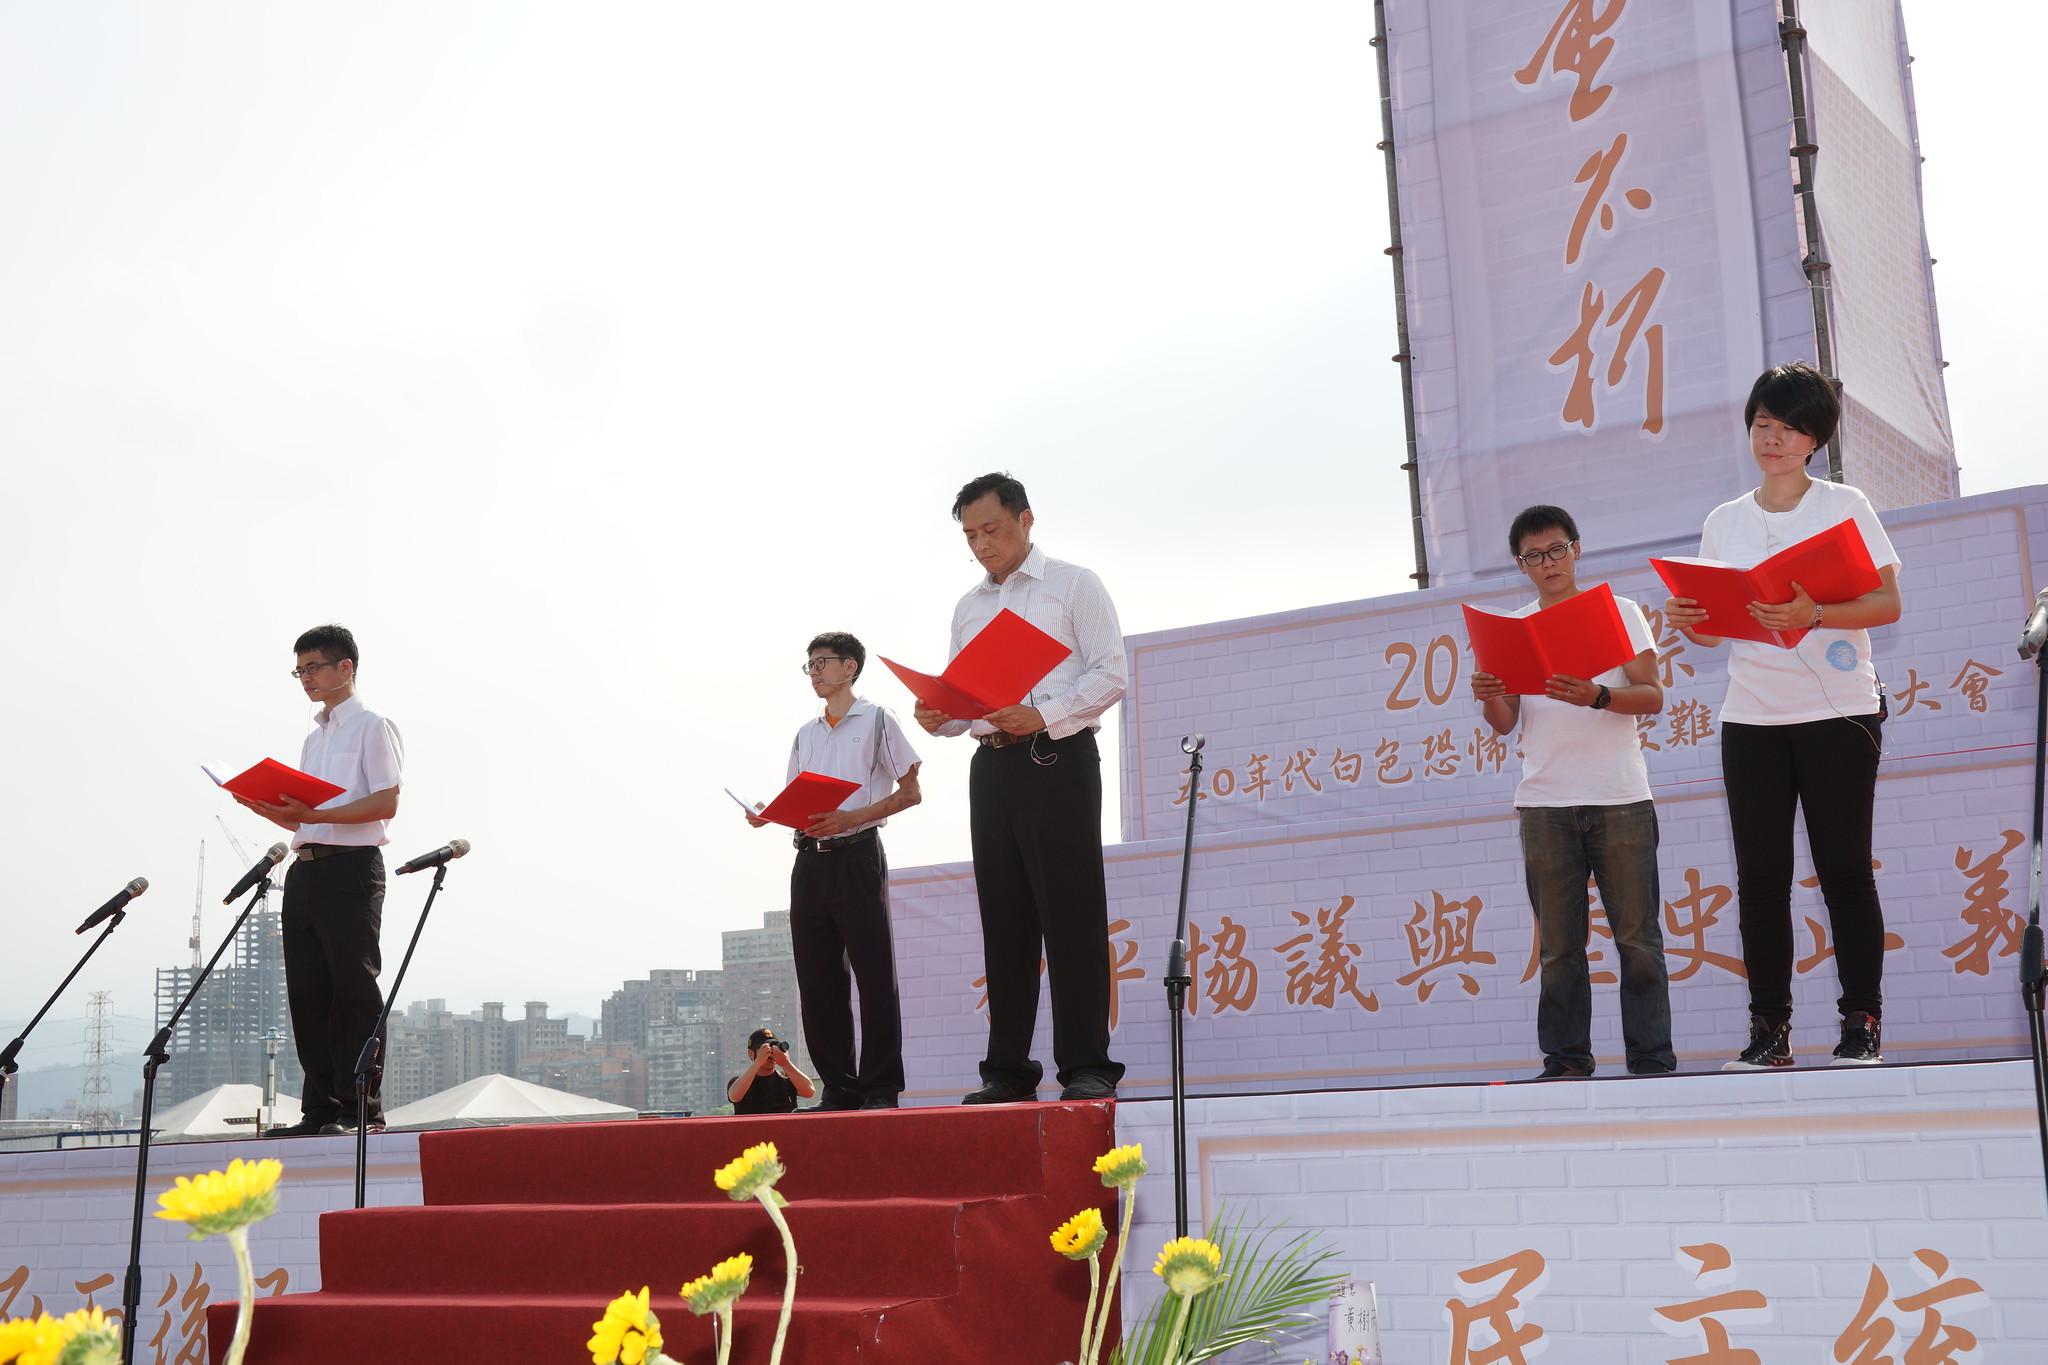 互助會現場朗讀作家楊逵的《和平宣言》。(攝影:王顥中)